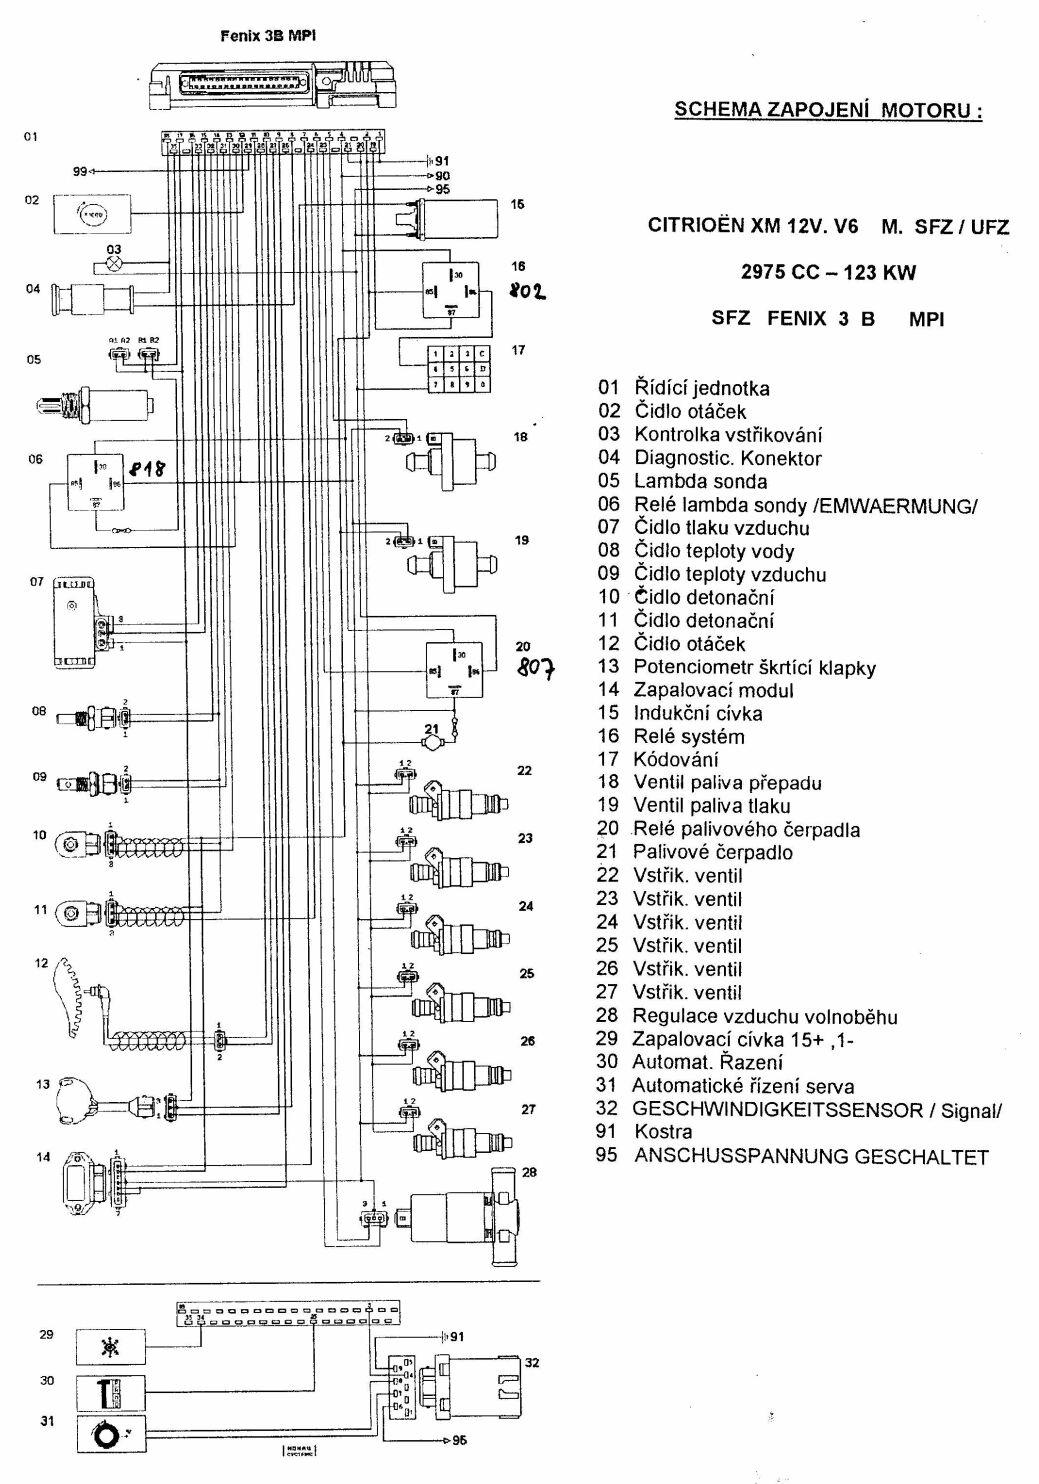 Opel Wiring Diagram Images El Motoru V6 12v On